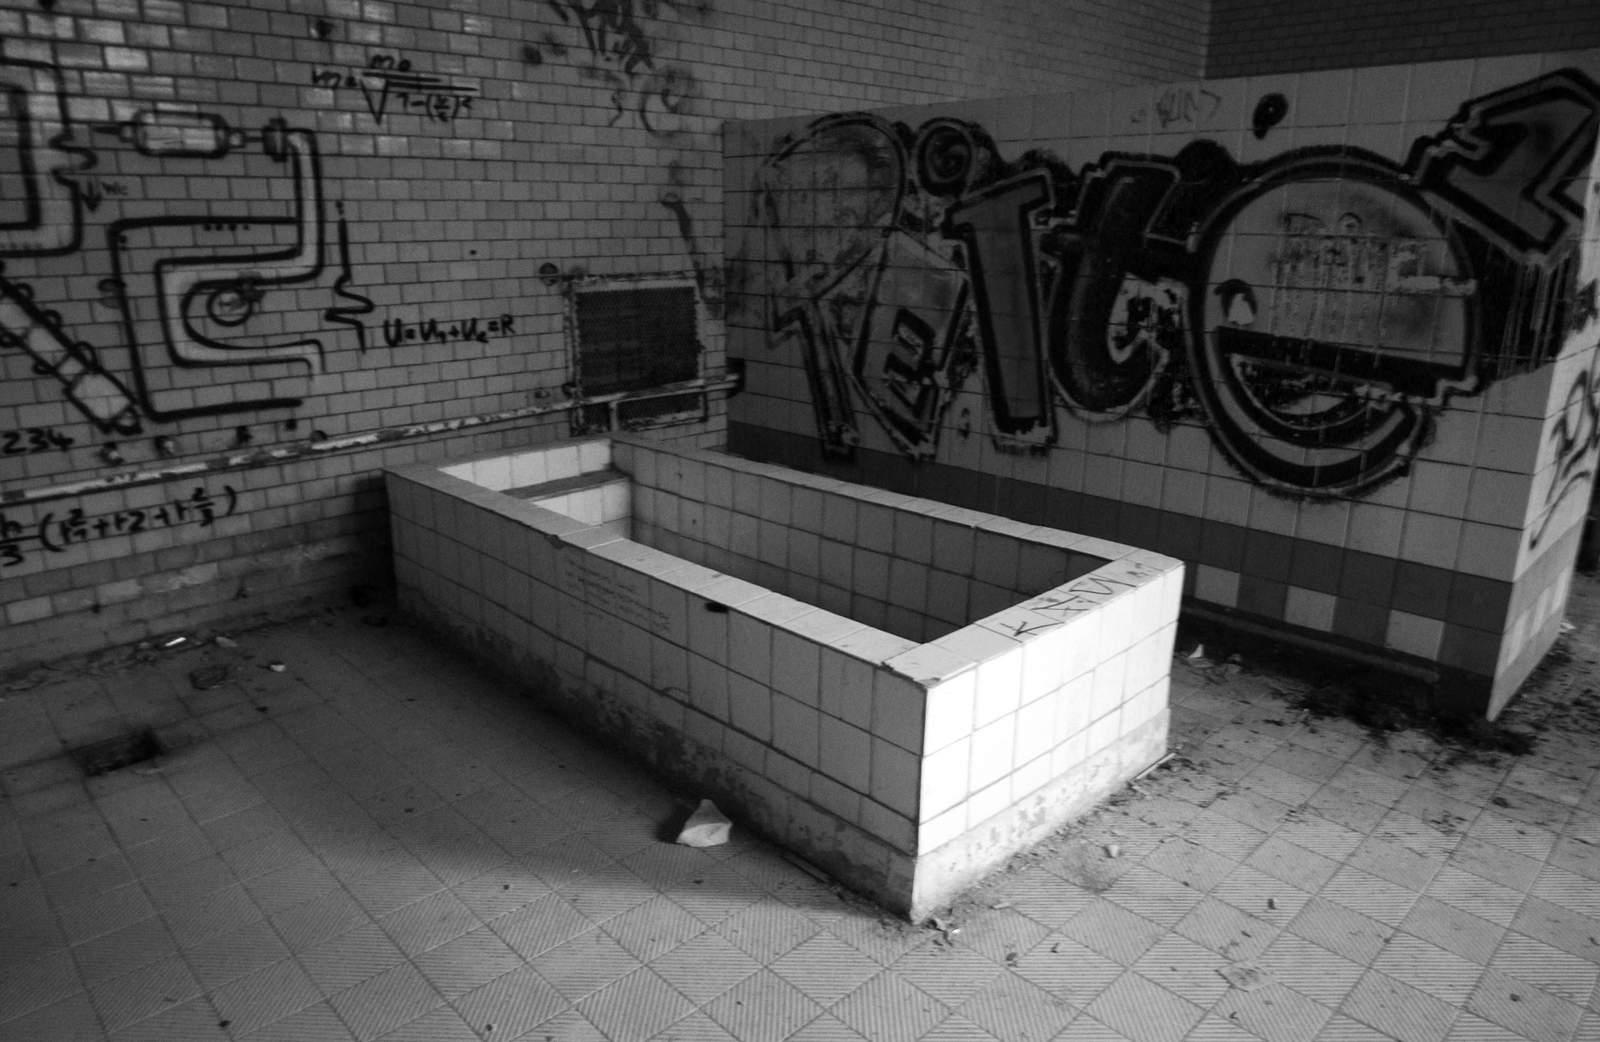 beelitz heilstatten5 Abandoned Beelitz Heilstatten Hospital